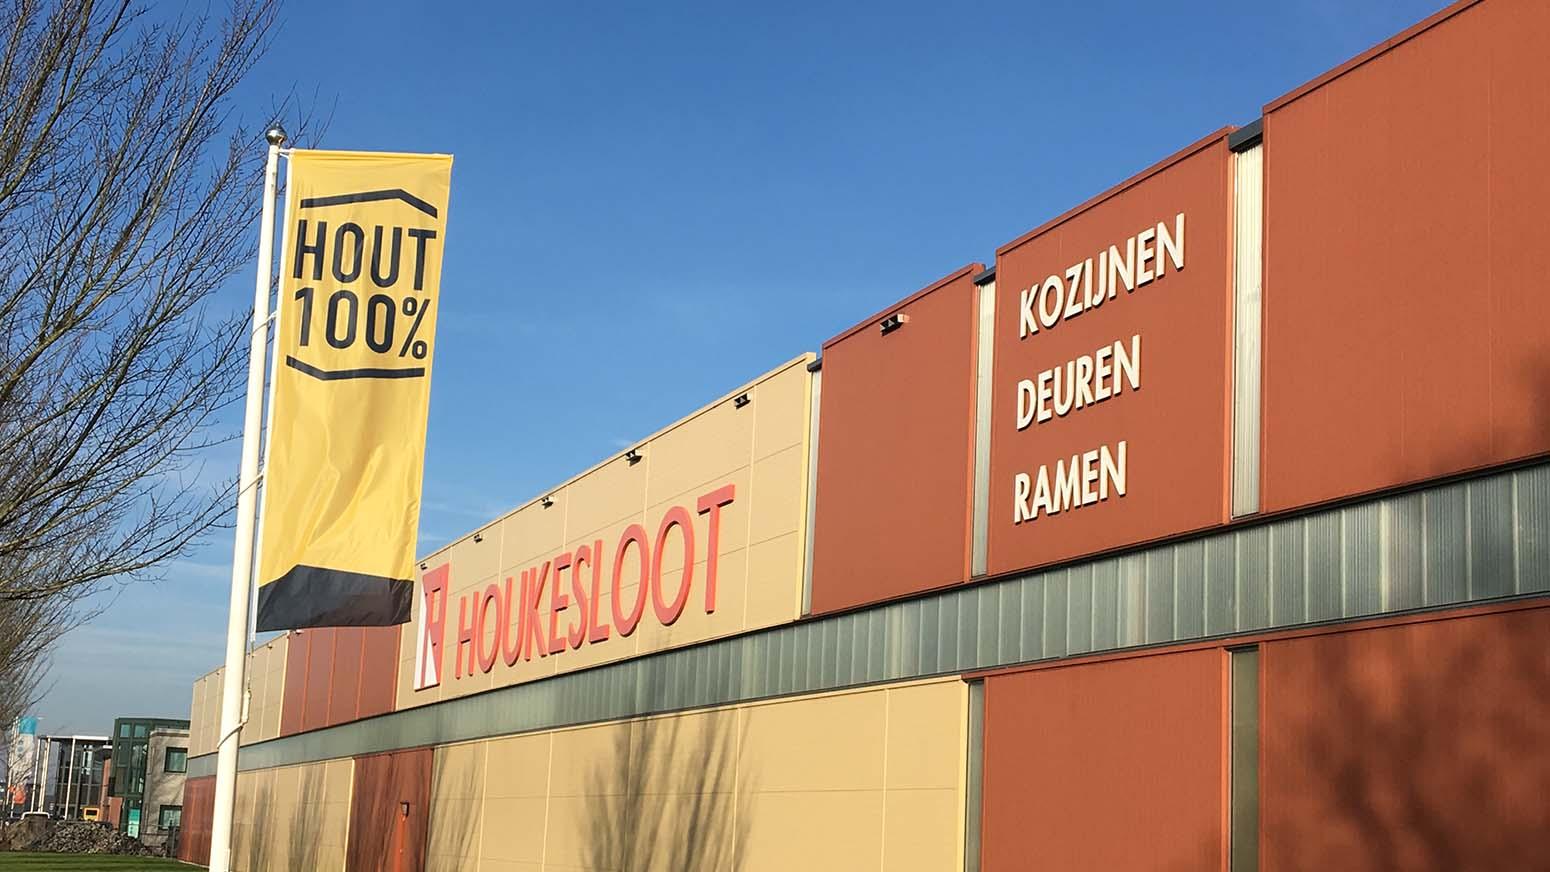 Foto Van Bedrijfspand Houkesloot Toelevering B.V. Gelegen In Sneek.